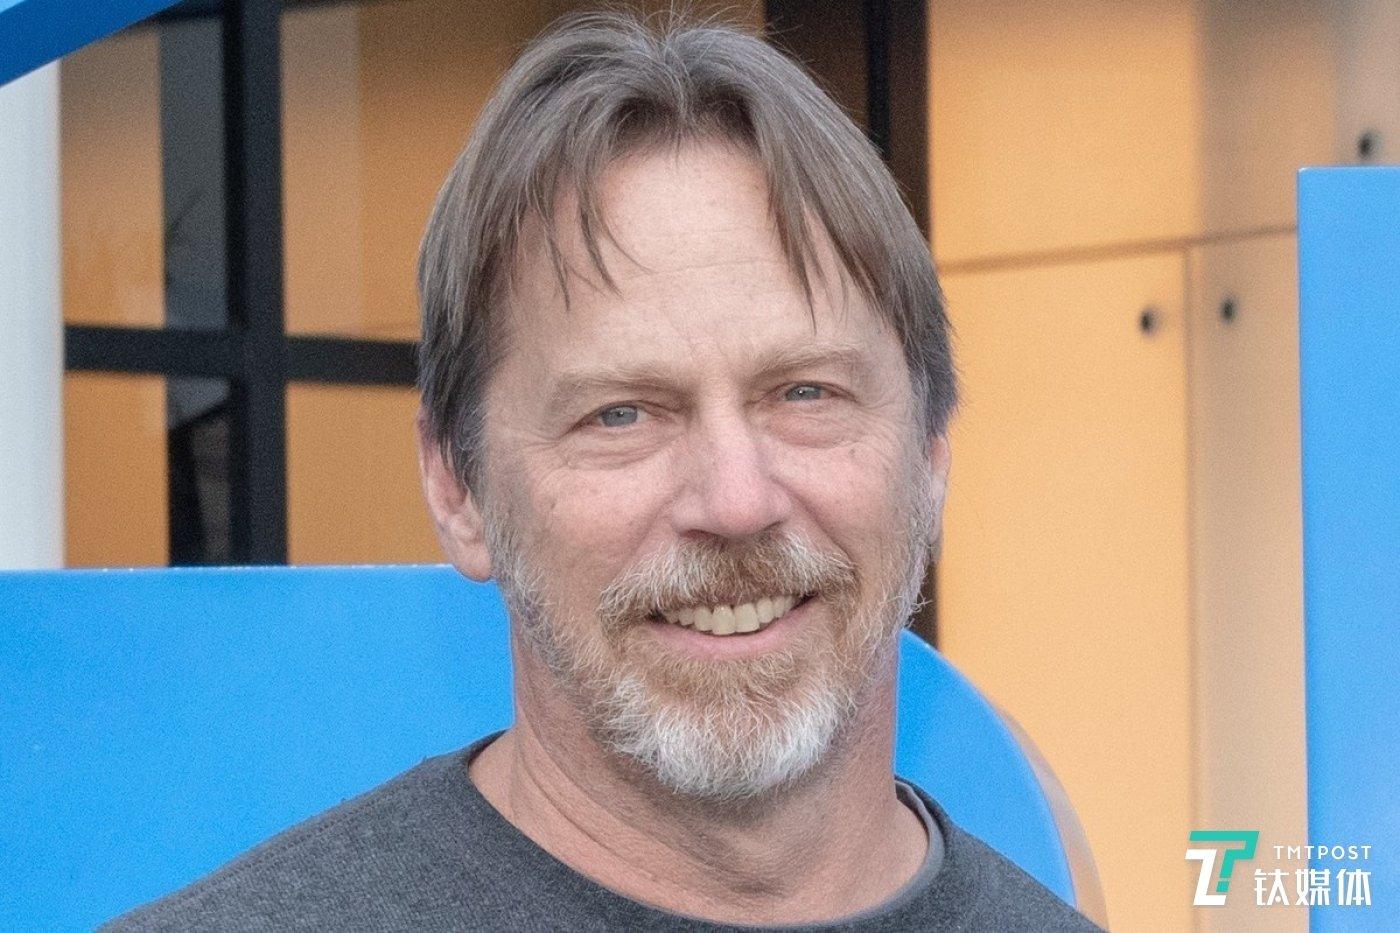 已经离职的英特尔硅工程部门高级副总裁凯勒(Jim Keller)